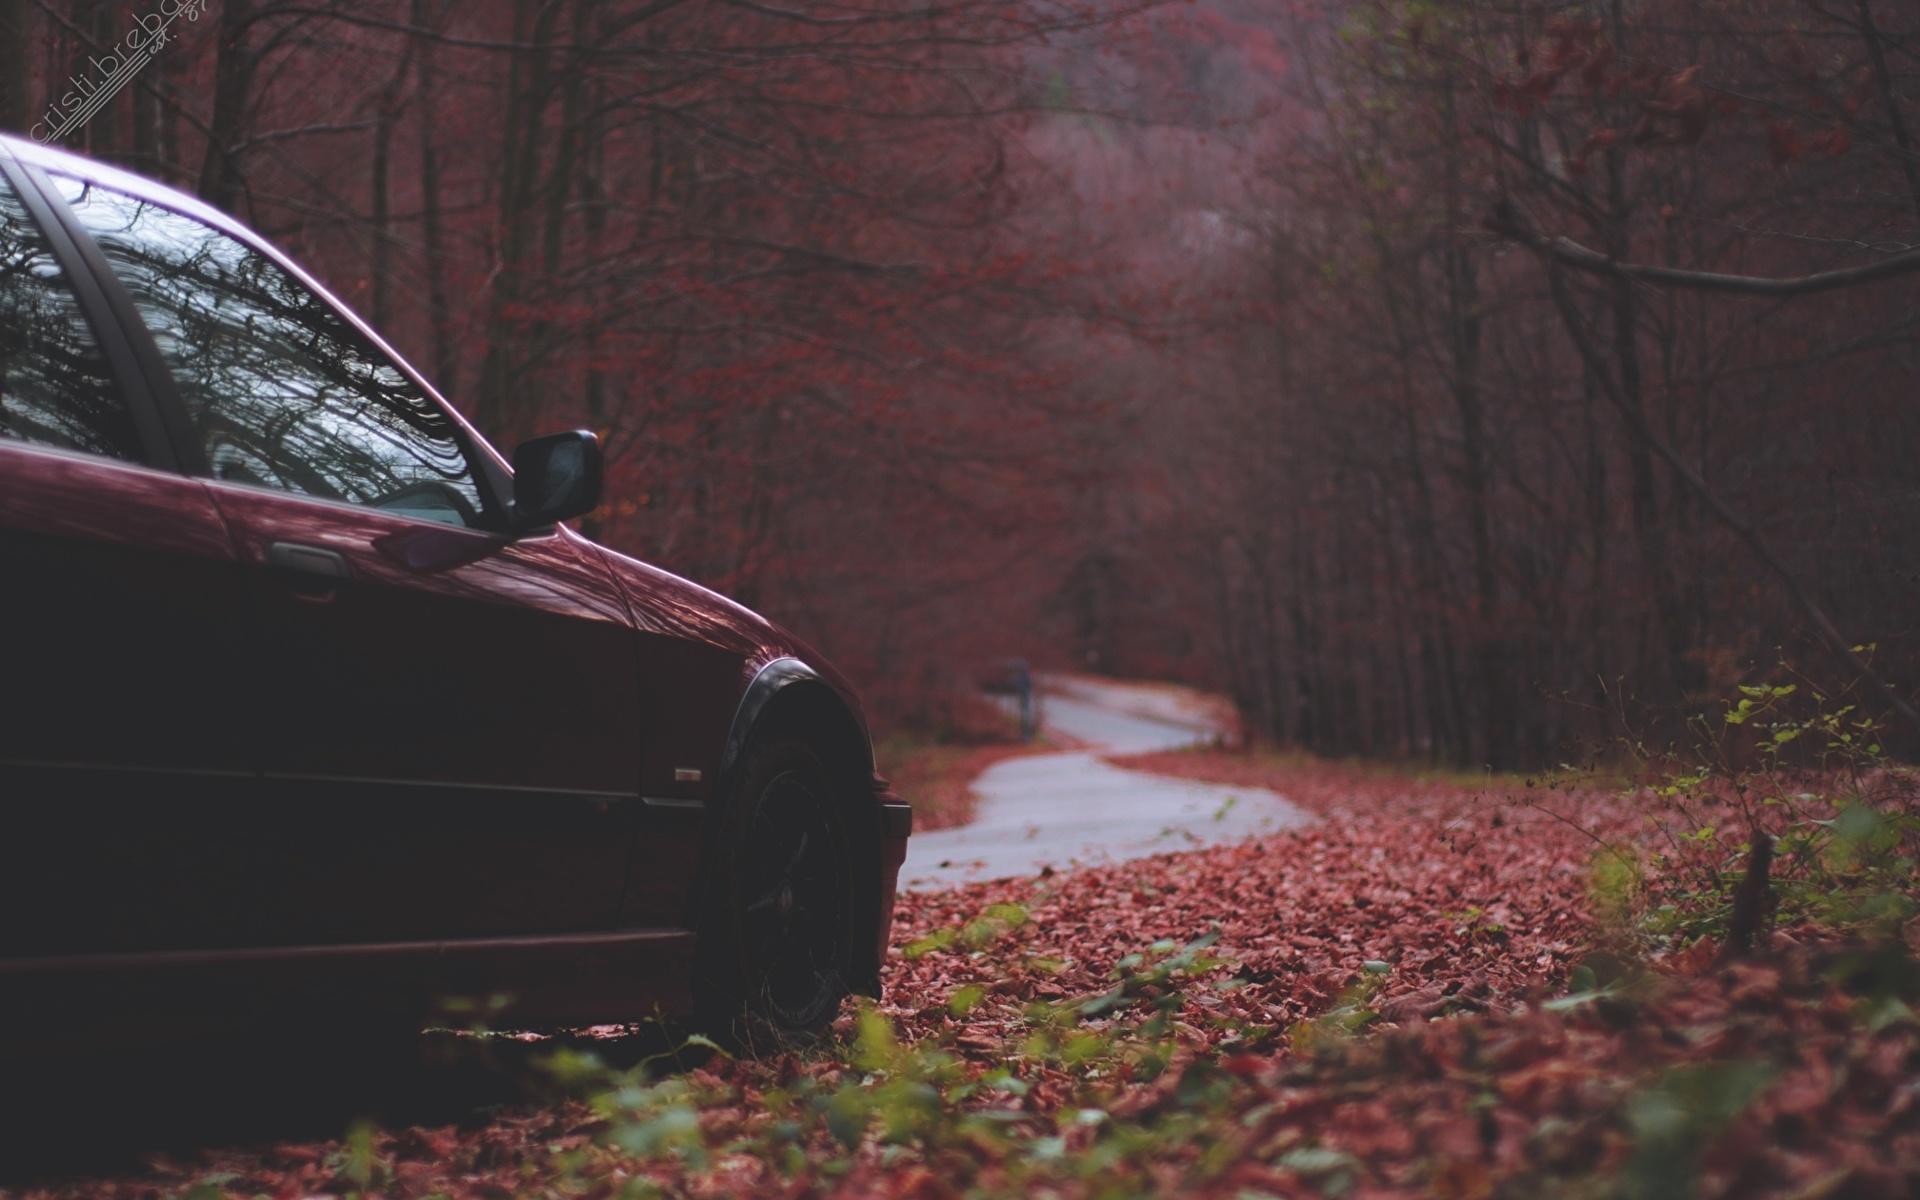 Фотография БМВ E36 Осень Природа Автомобили 1920x1200 BMW осенние авто машины машина автомобиль